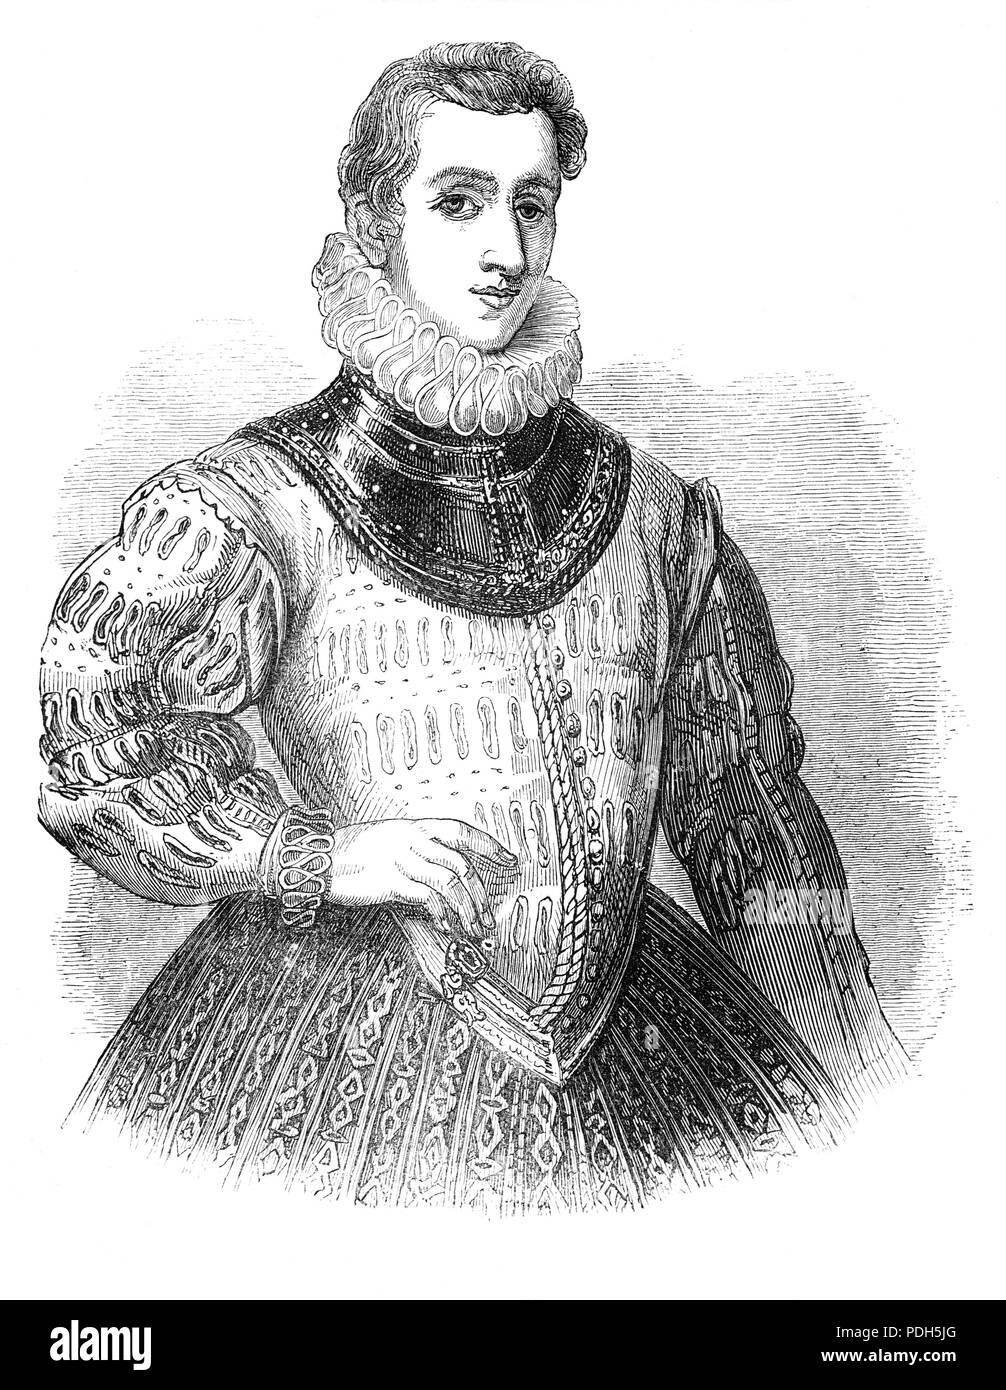 Sir Philip Sidney (1554-1586) war ein englischer Dichter, Höfling, Gelehrter, und Soldat, erinnerte sich als einer der bekanntesten Figuren des elisabethanischen Zeitalters. Zu seinen Werken zählen Astrophel und Stella, die Verteidigung der Poesie (auch als die Verteidigung der Poesie oder eine Entschuldigung für die Dichtkunst bekannt), und die Gräfin von Pembroke Arcadia. In den Niederlanden, forderte er durchweg Kühnheit auf seinem Vorgesetzten, sein Onkel der Graf von Leicester. In der Schlacht von Zutphen, 1586, wurde er in den Oberschenkel geschossen und starb an Krebs, 26 Tage später, im Alter von 31 Jahren. Stockbild